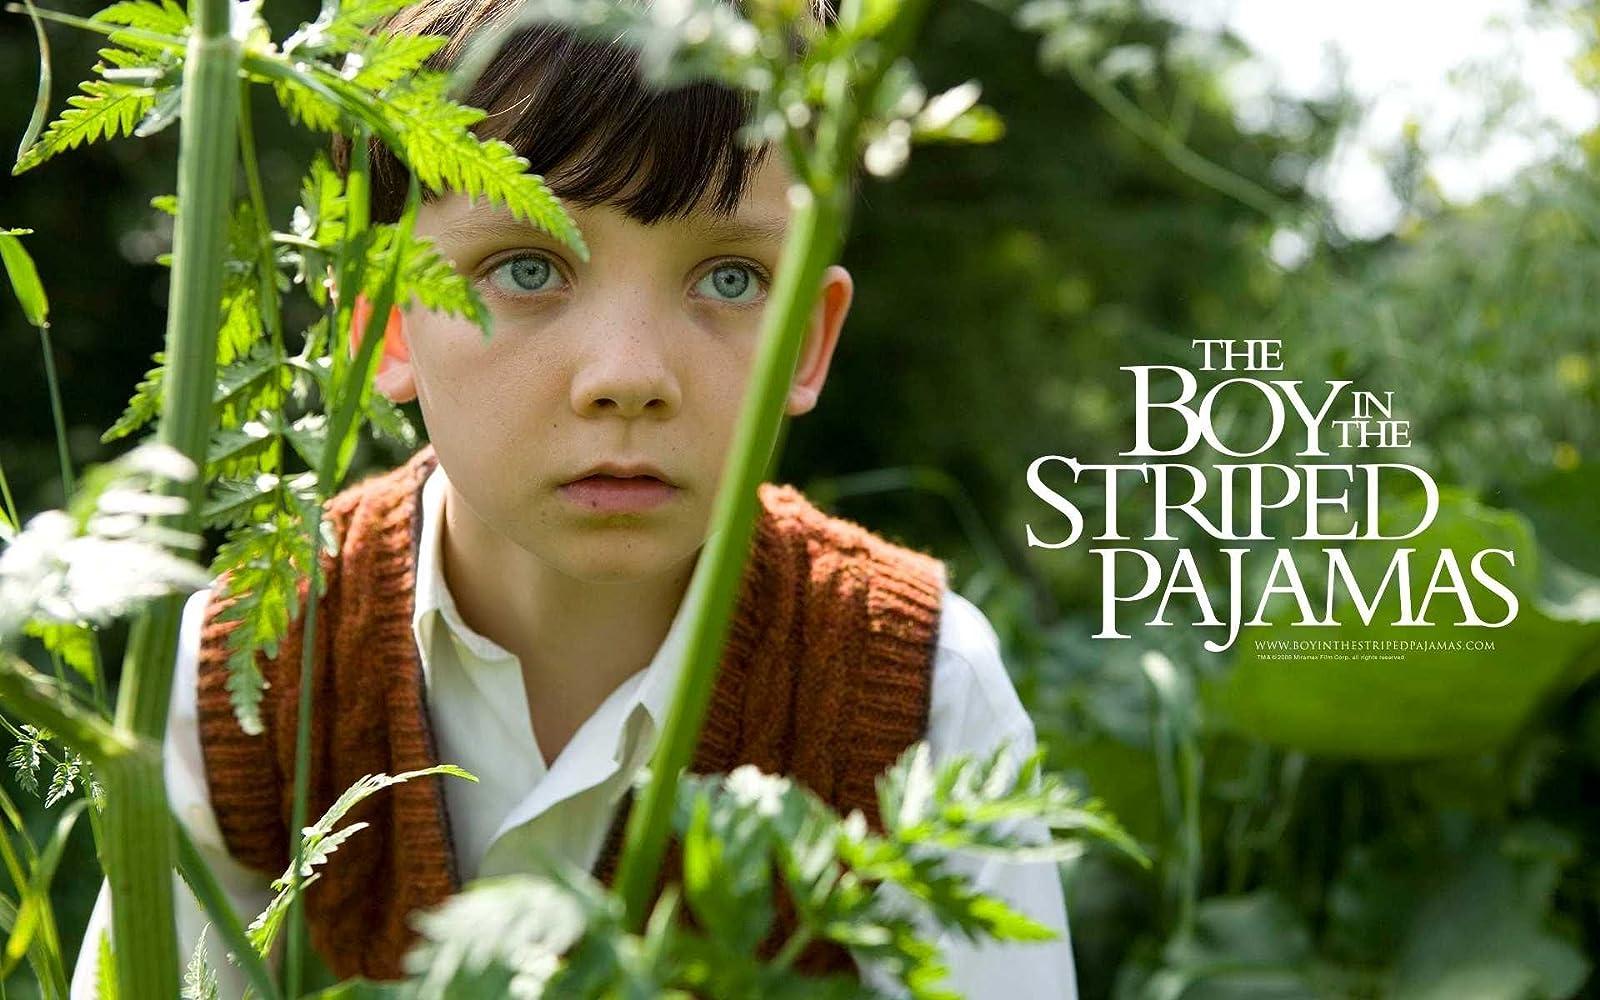 Asa Butterfield in The Boy in the Striped Pyjamas (2008)